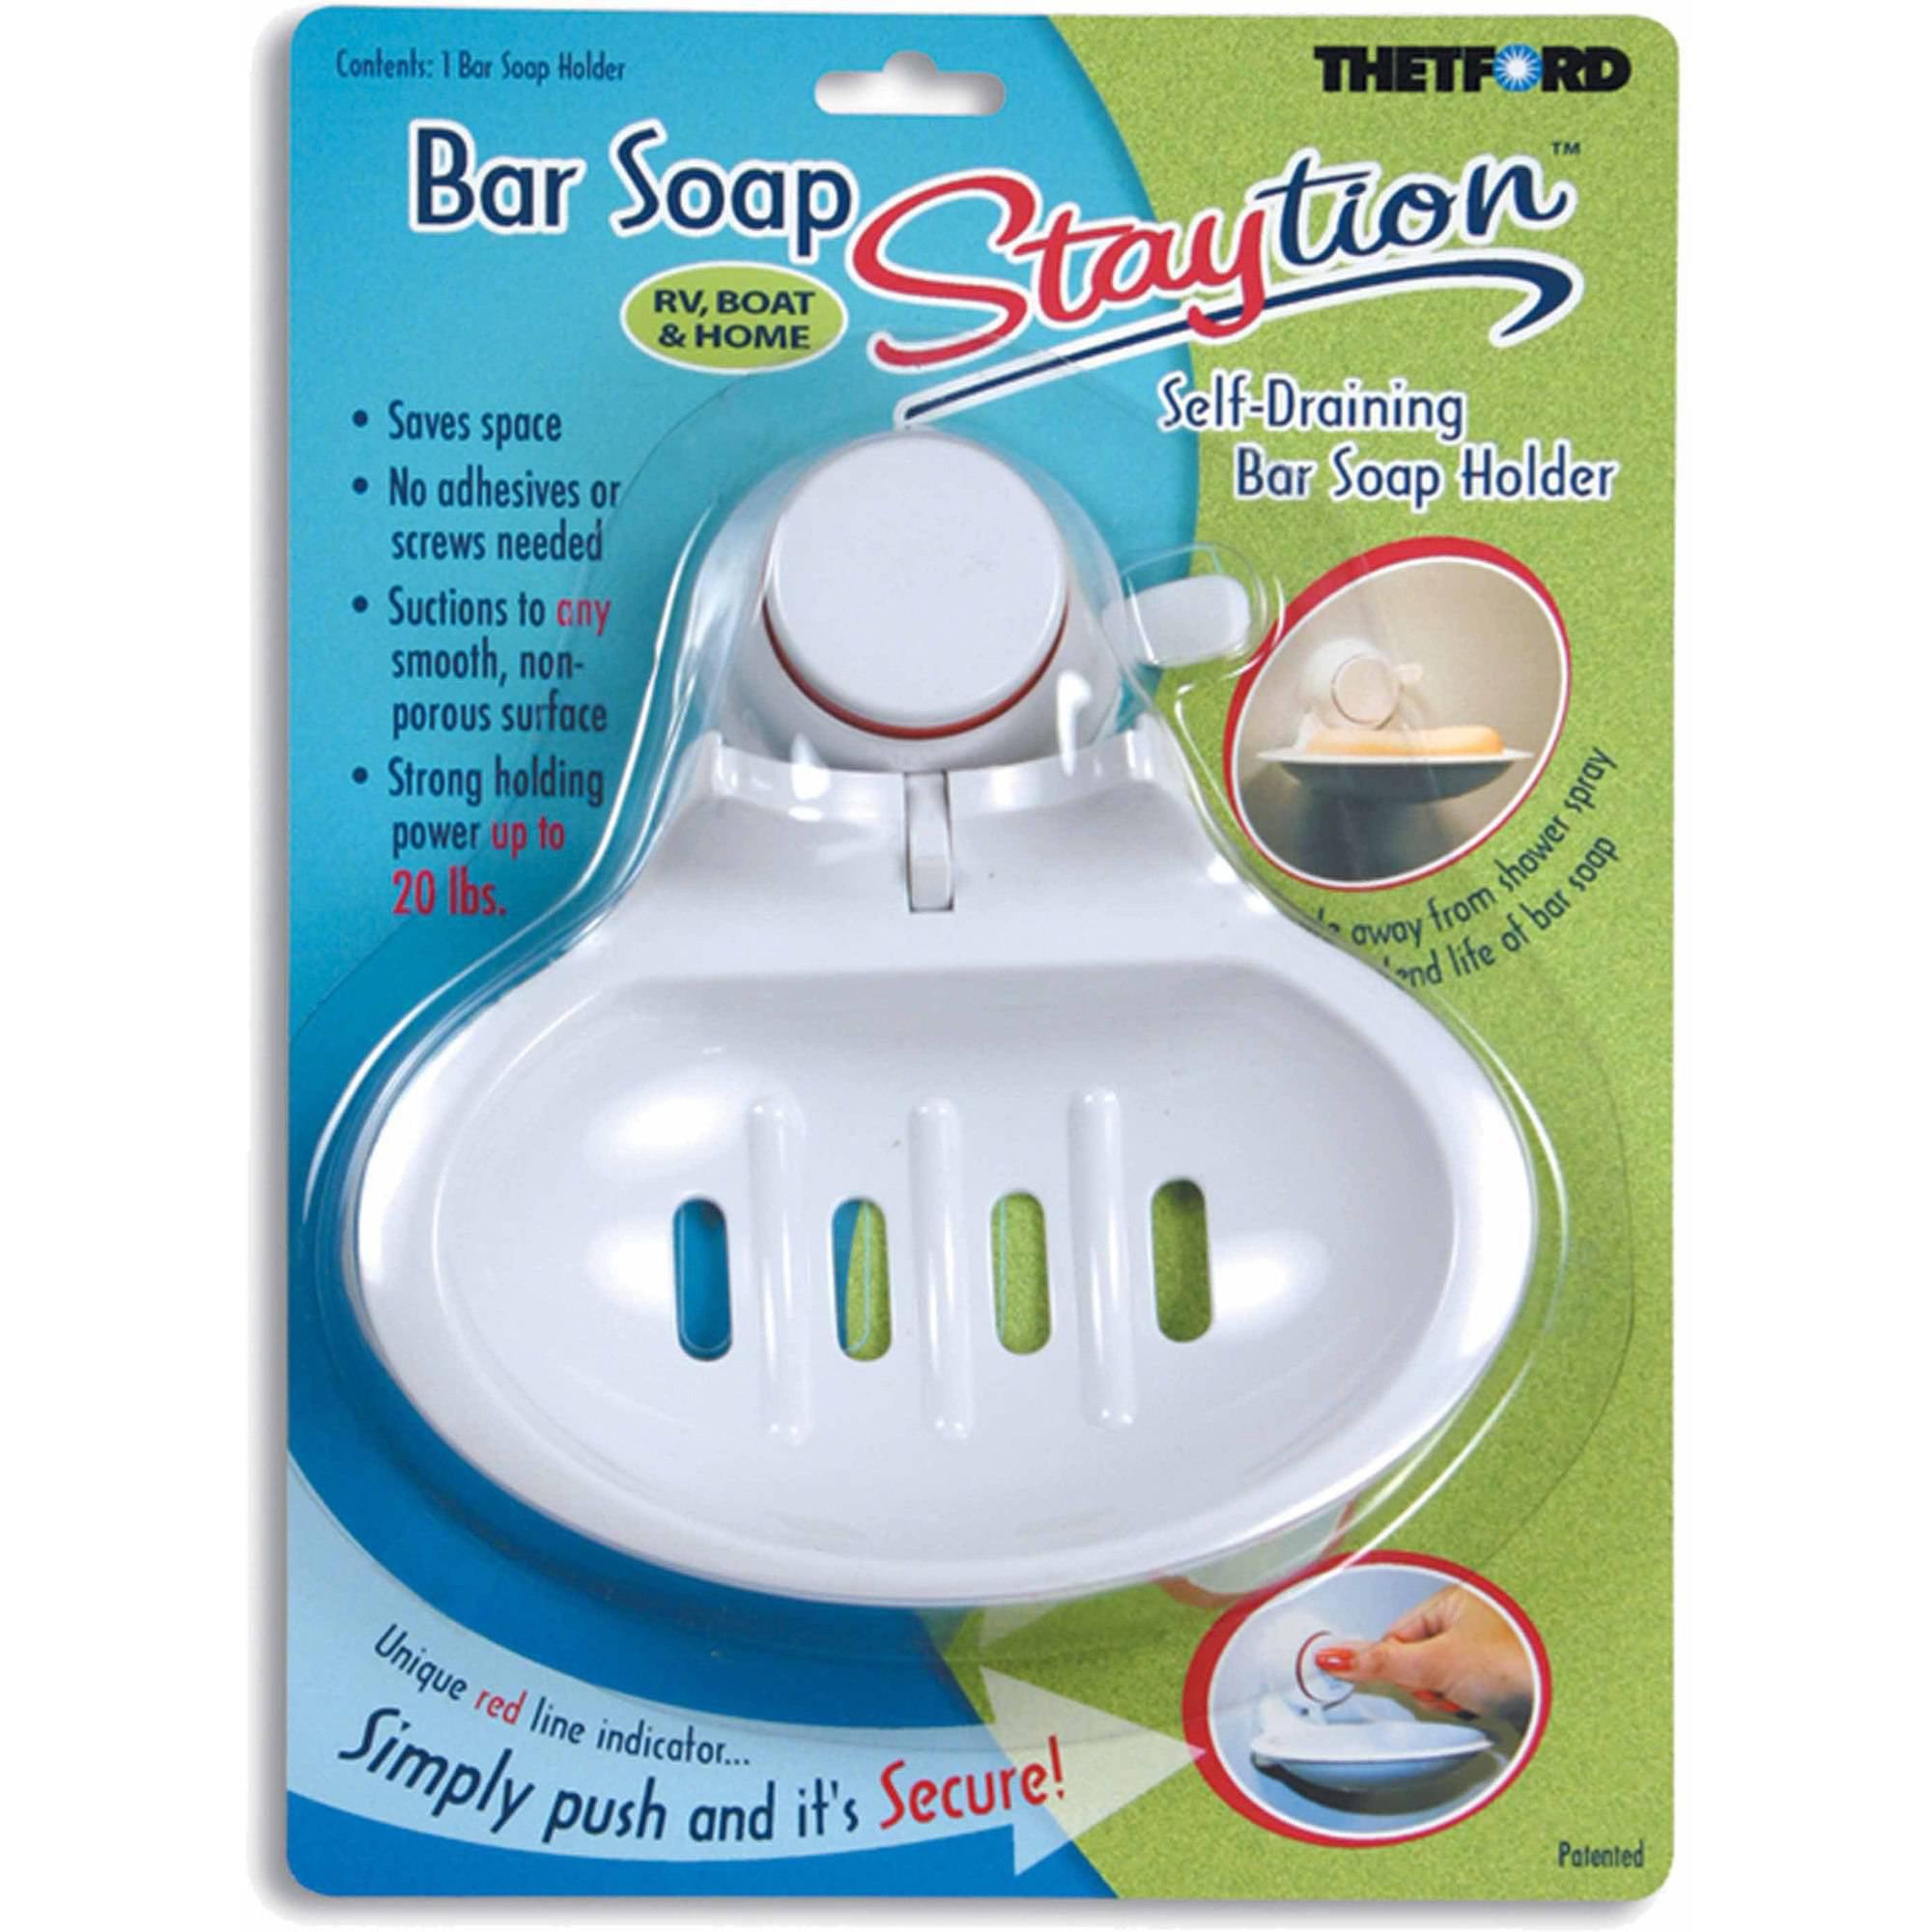 Thetford 36668 Bar Soap Staytion